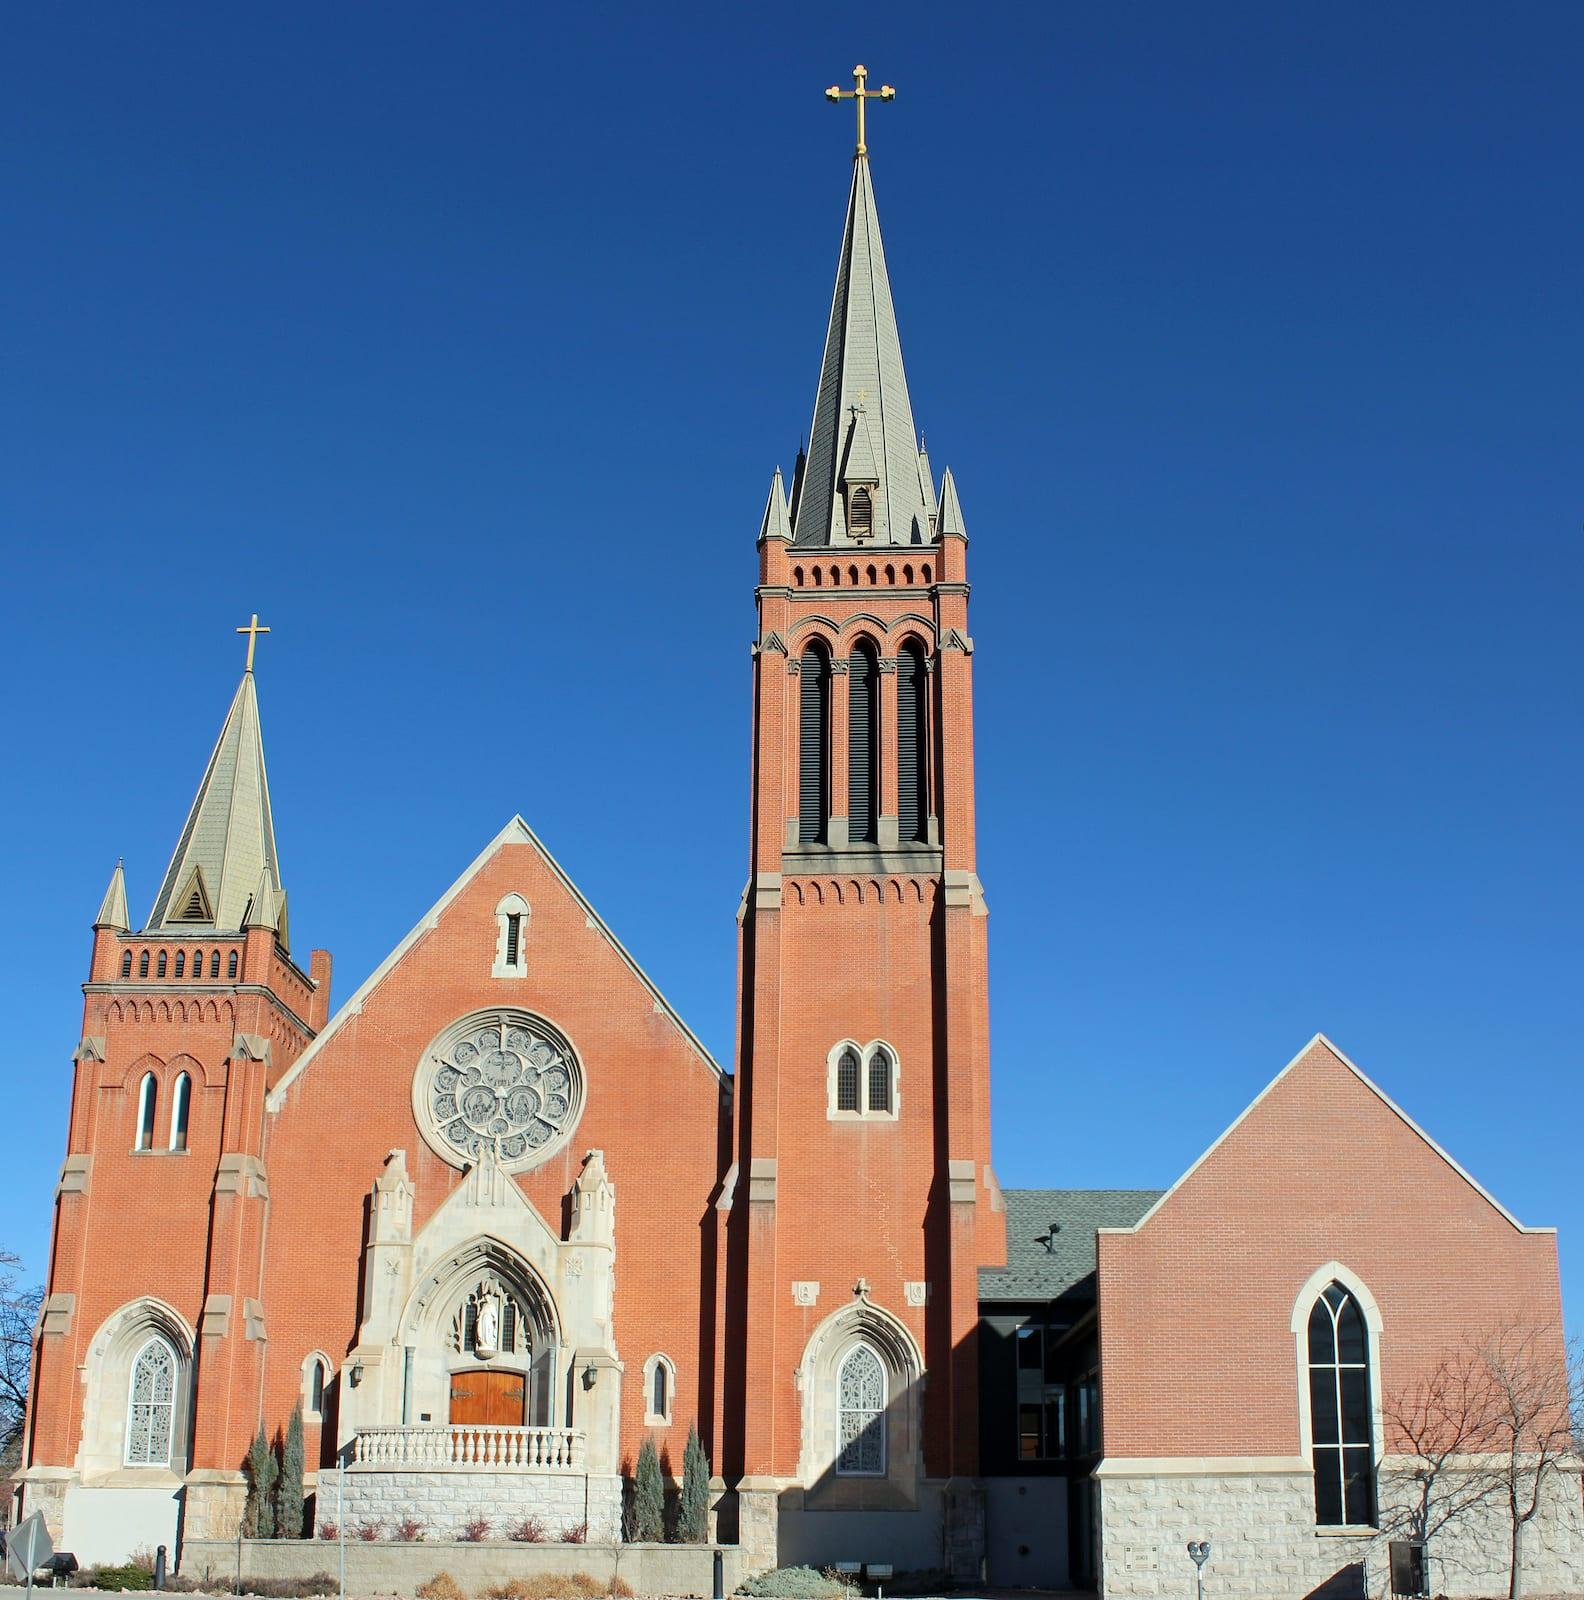 Saint Mary's Catholic Church Colorado Springs